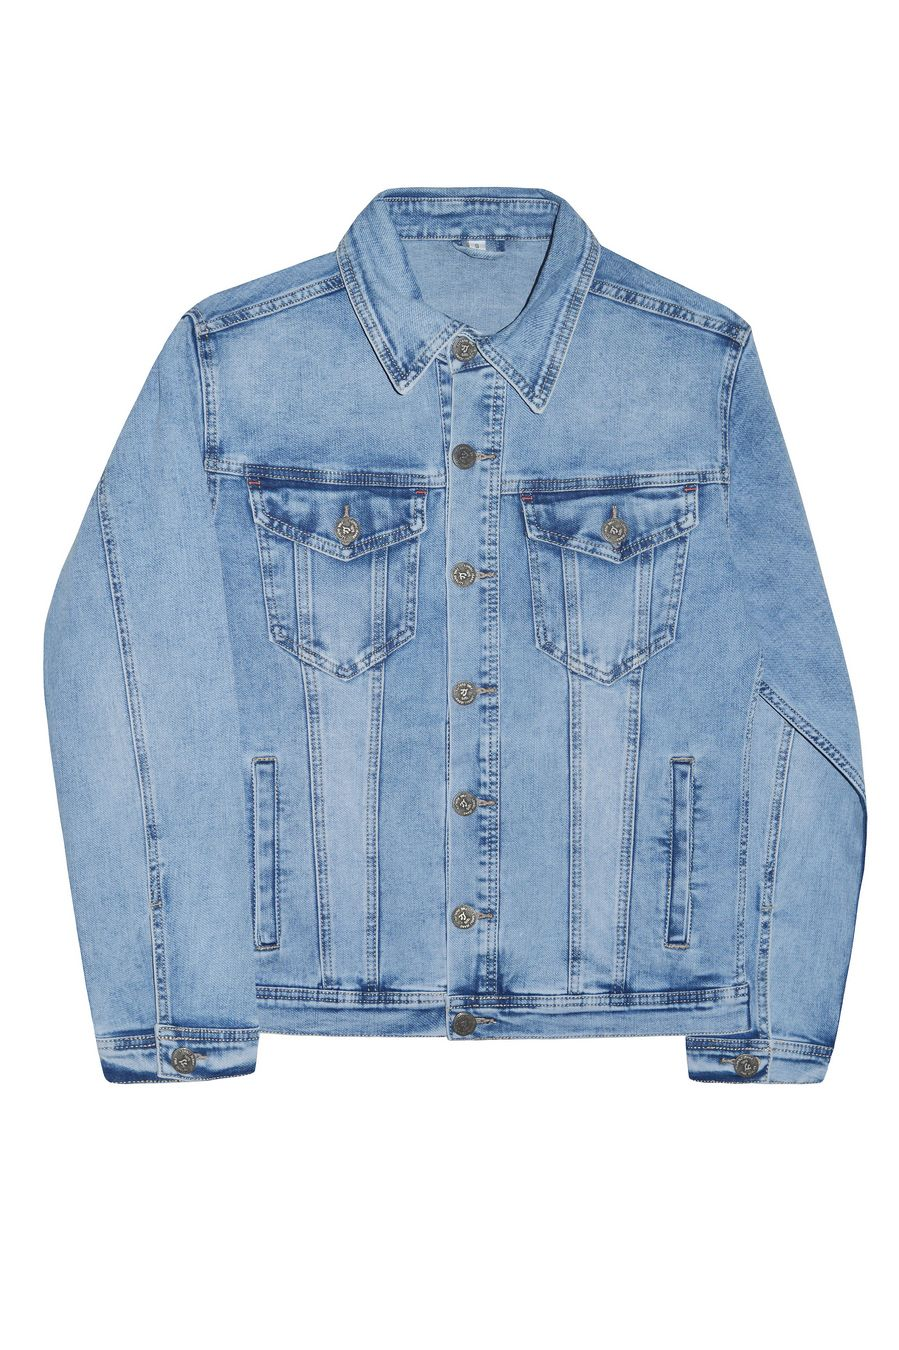 Пиджак мужской (джинсовка) Longli C021 - фото 1